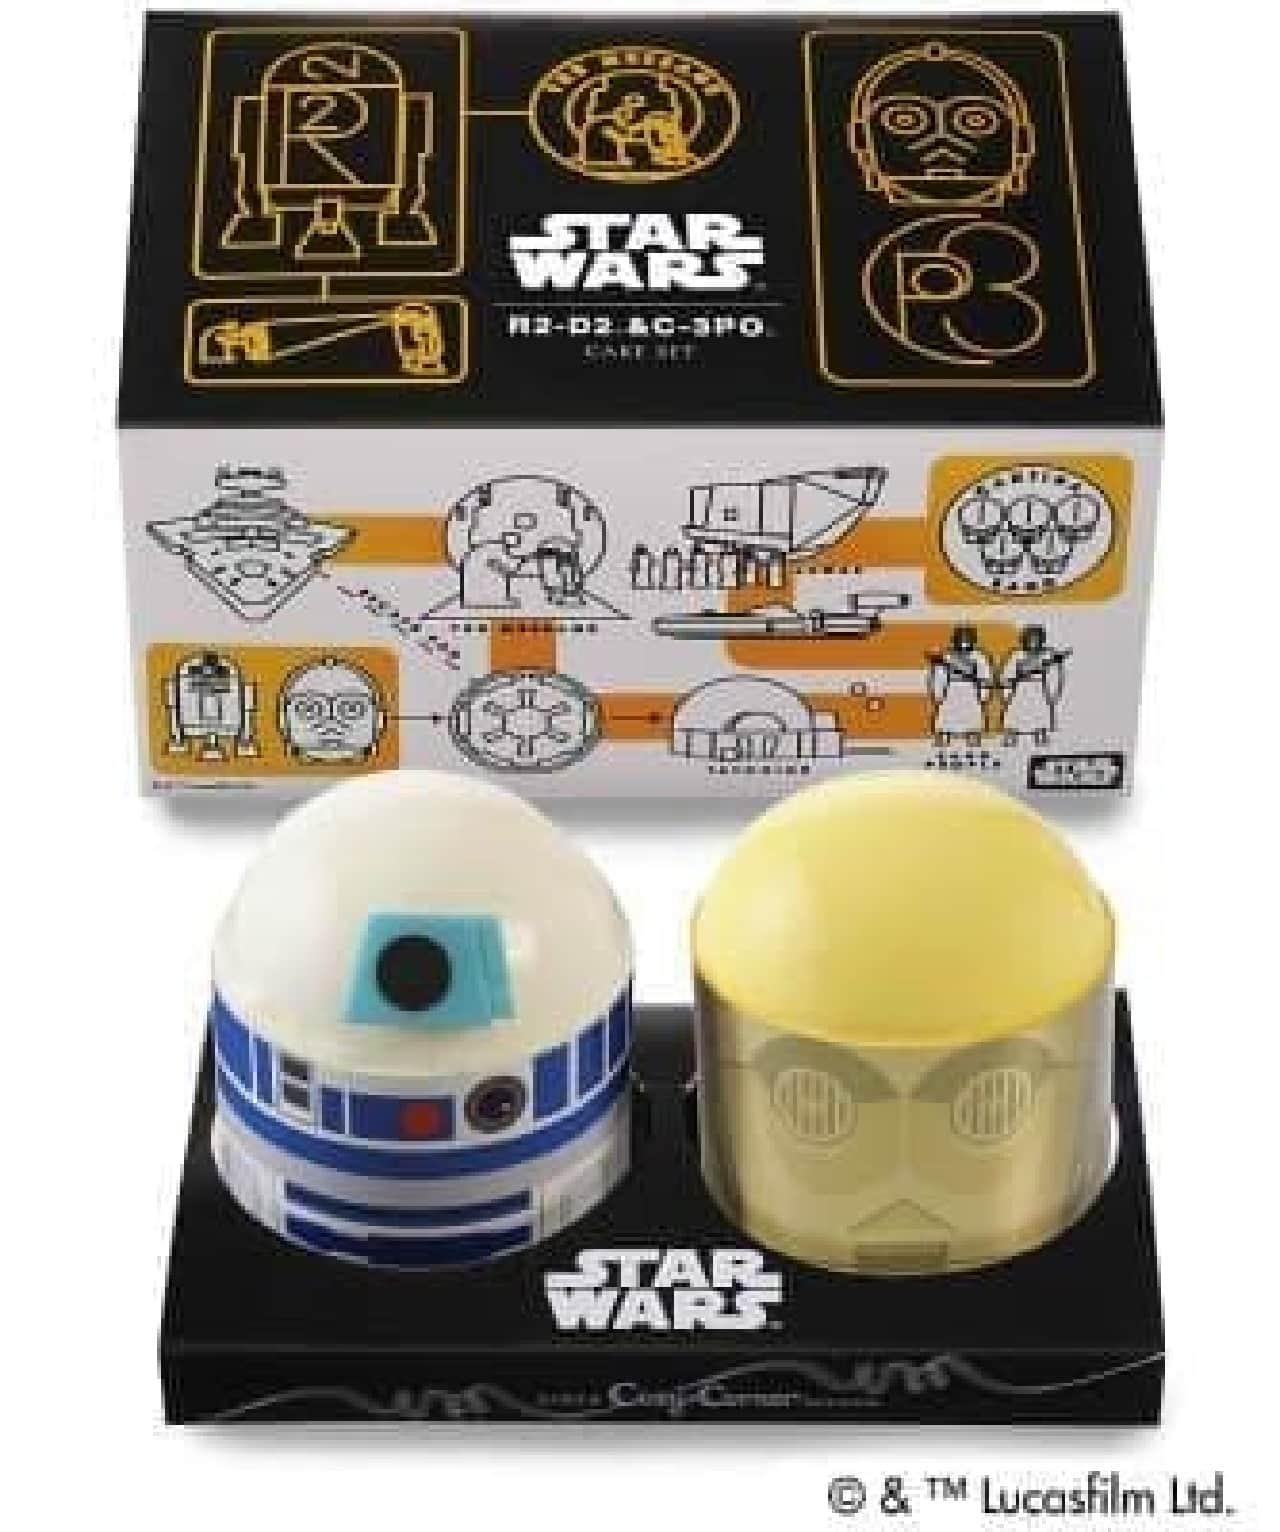 「R2-D2&C-3POケーキセット」